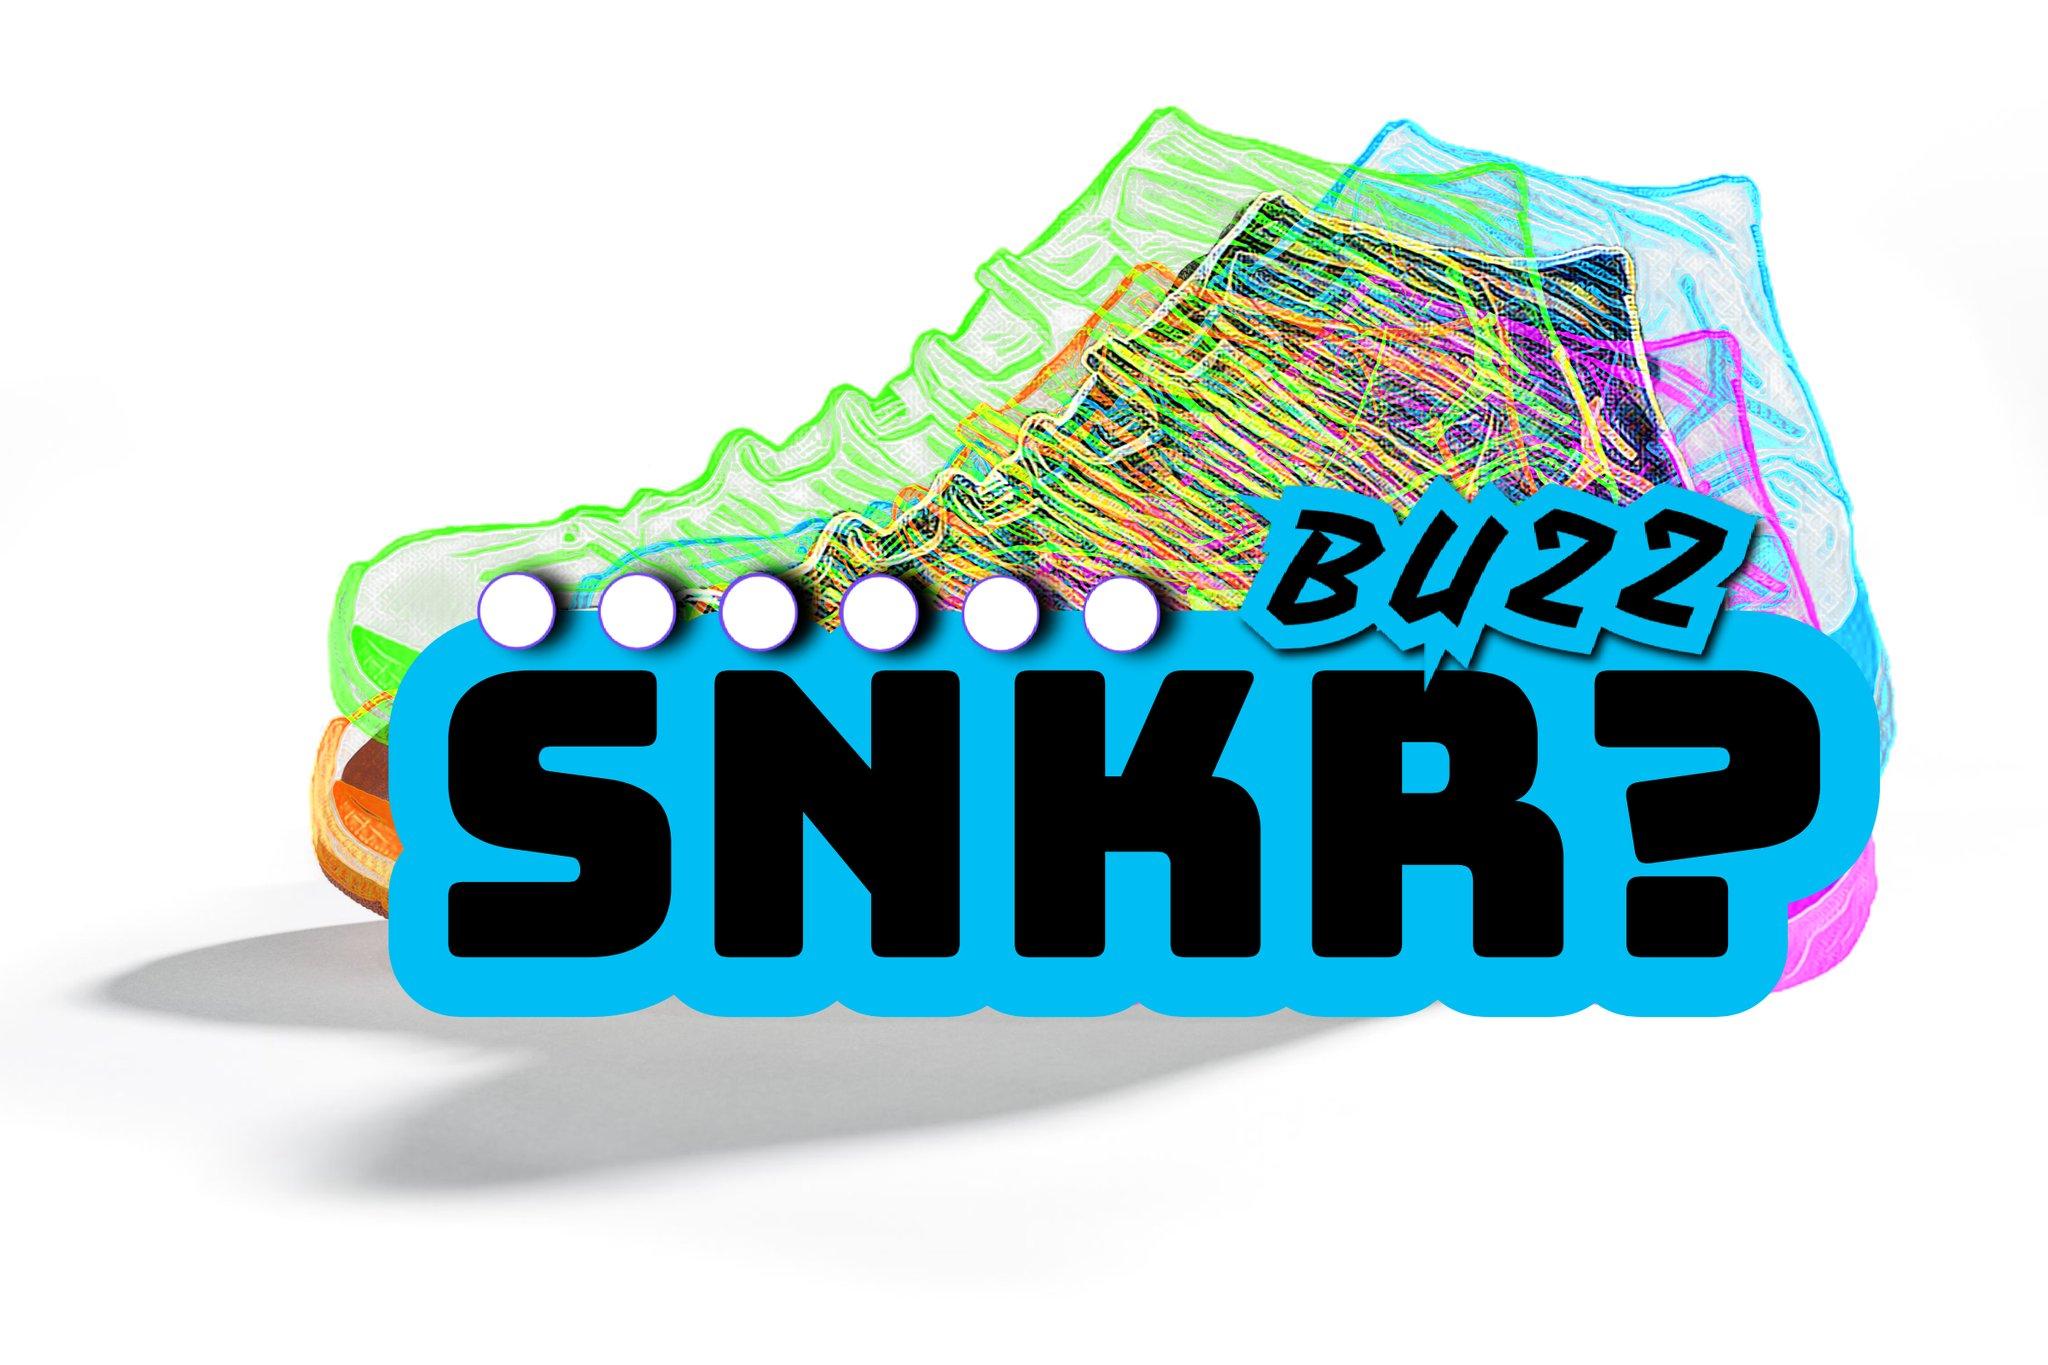 Nike Air Foamposite One Snakeskin 314996101 Release Info5